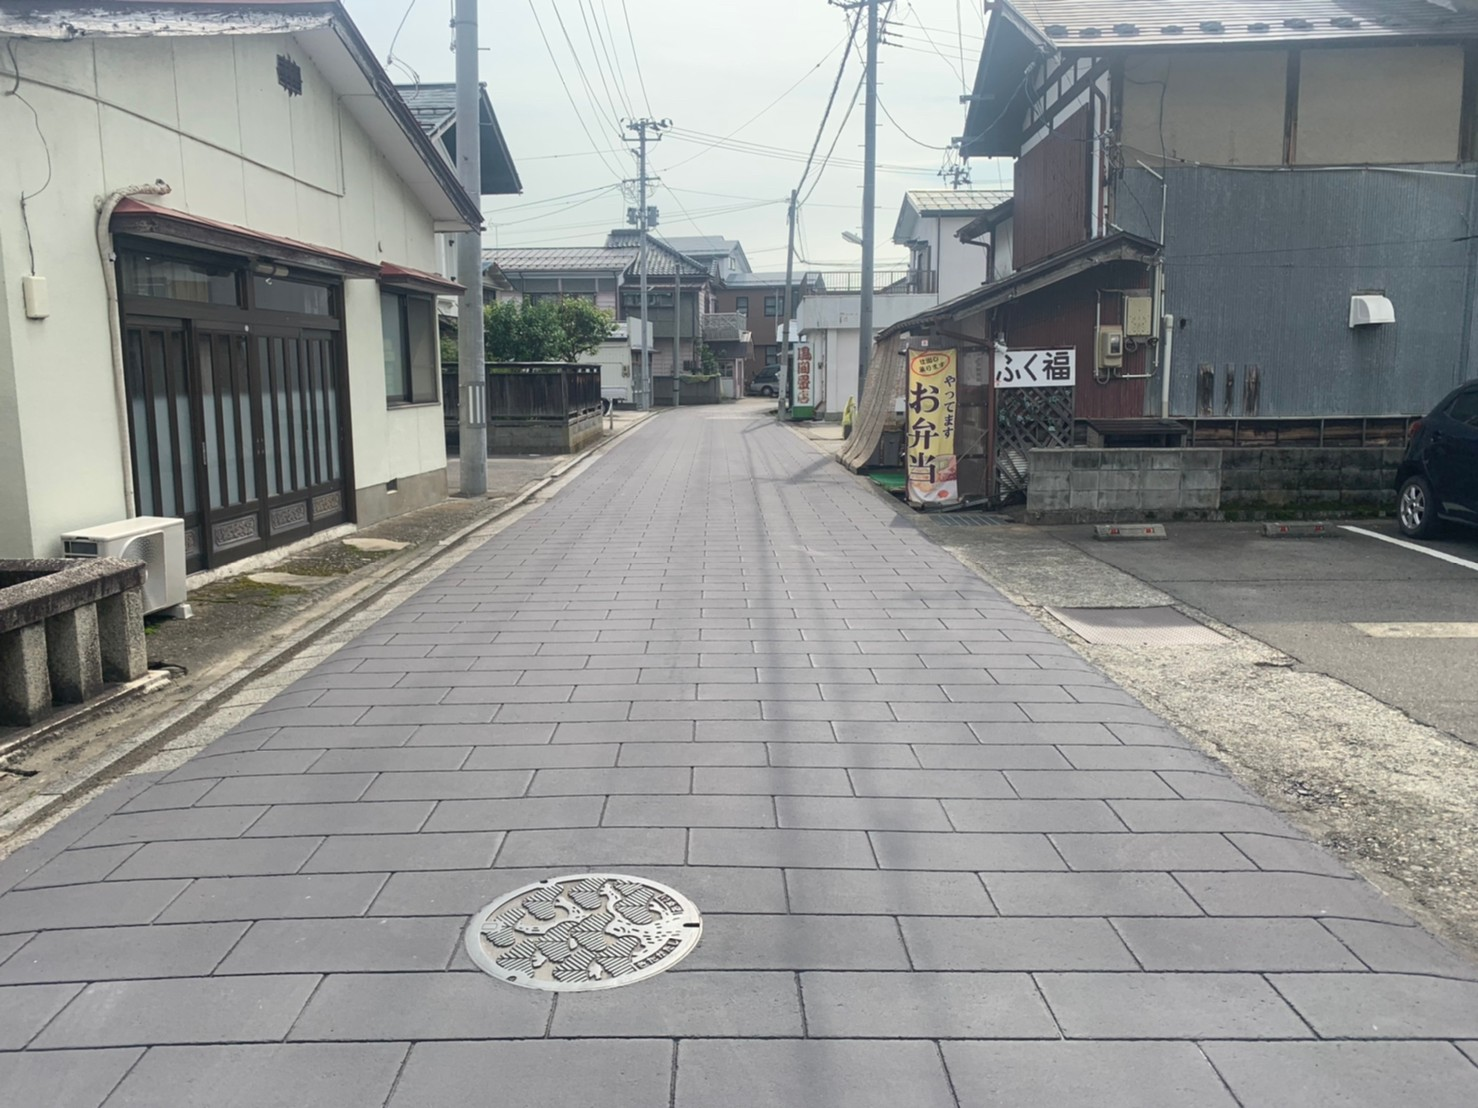 ストリートプリント streetprint アスファルト型押し再加熱工法 型押しアスファルト 景観工法 ストリートボンド streetbond 水性アクリルエポキシ強化樹脂 ストーンぺイブ